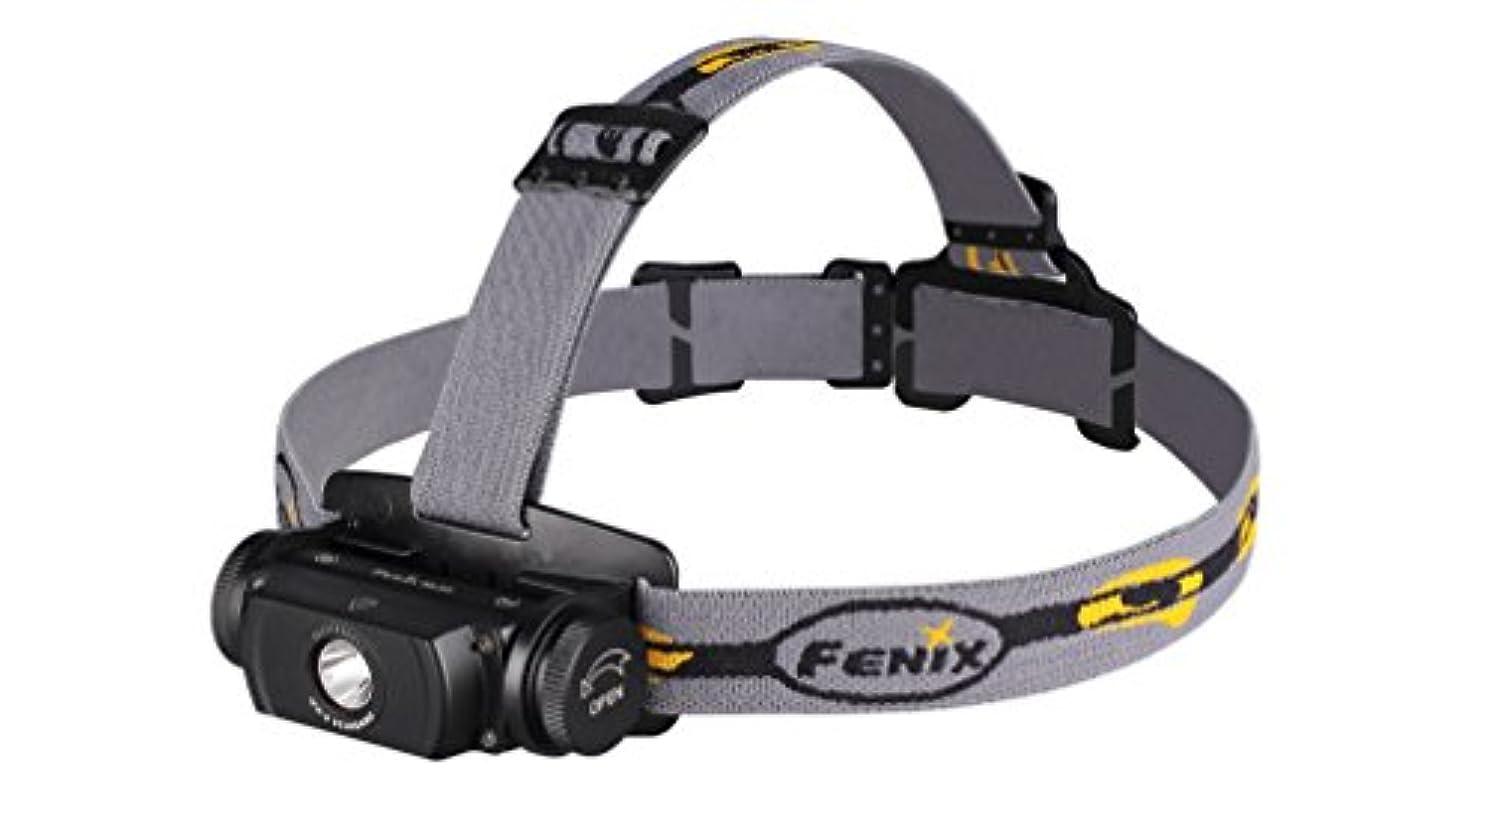 物理手紙を書くアクチュエータFENIX(フェニックス) HL55 Cree XM-L2 T6 LED ヘッドライト 明るさ最高900ルーメン